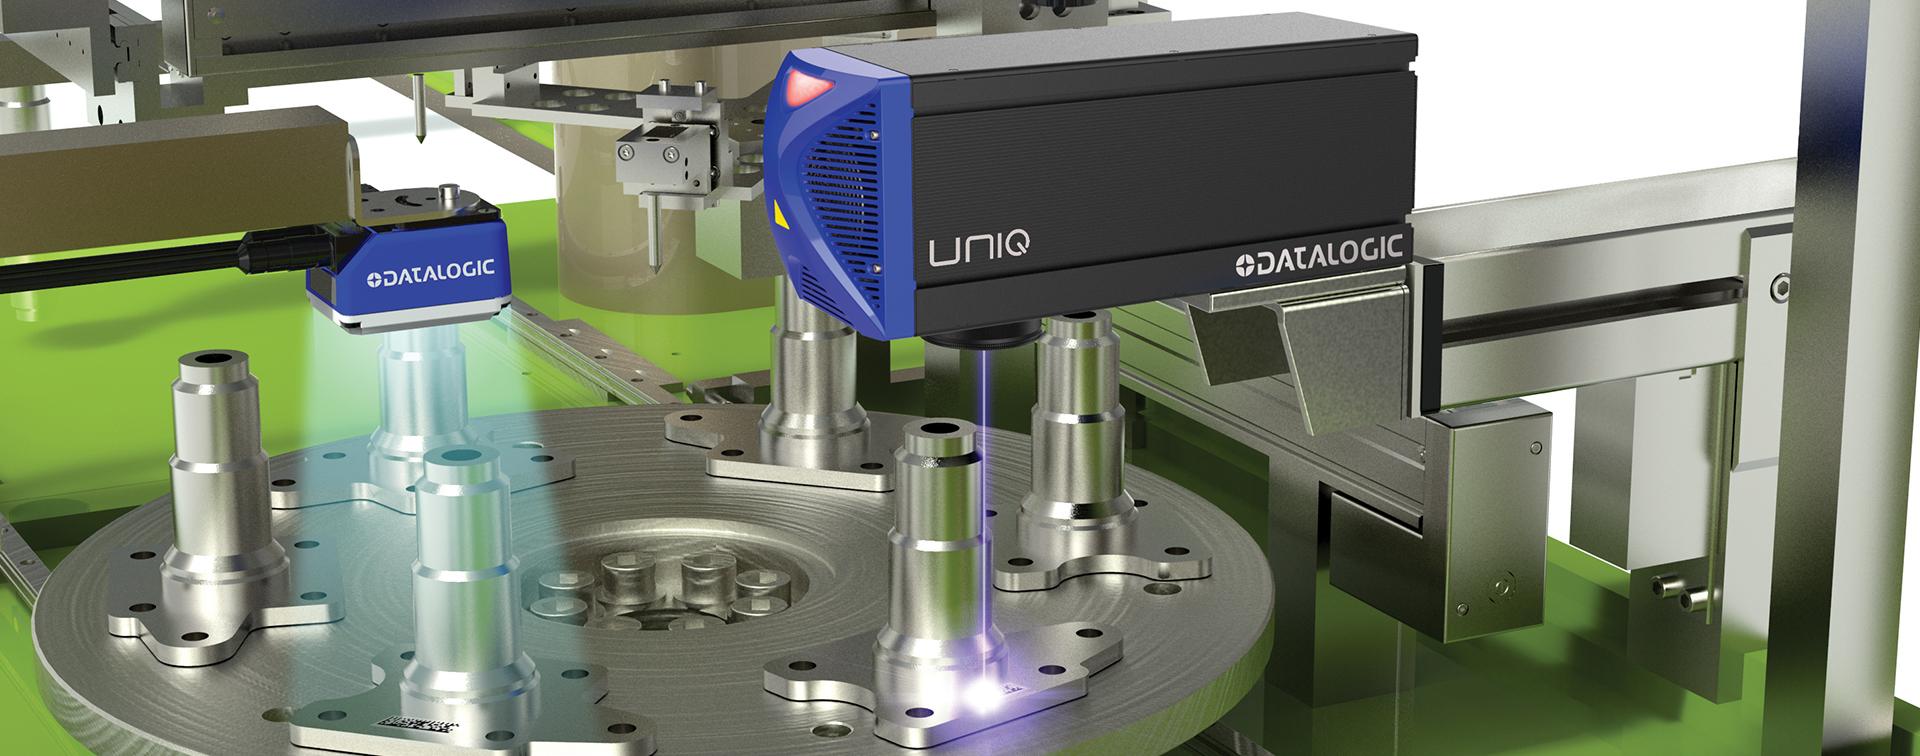 工业固定式读码器在电子产业的应用及解决方案